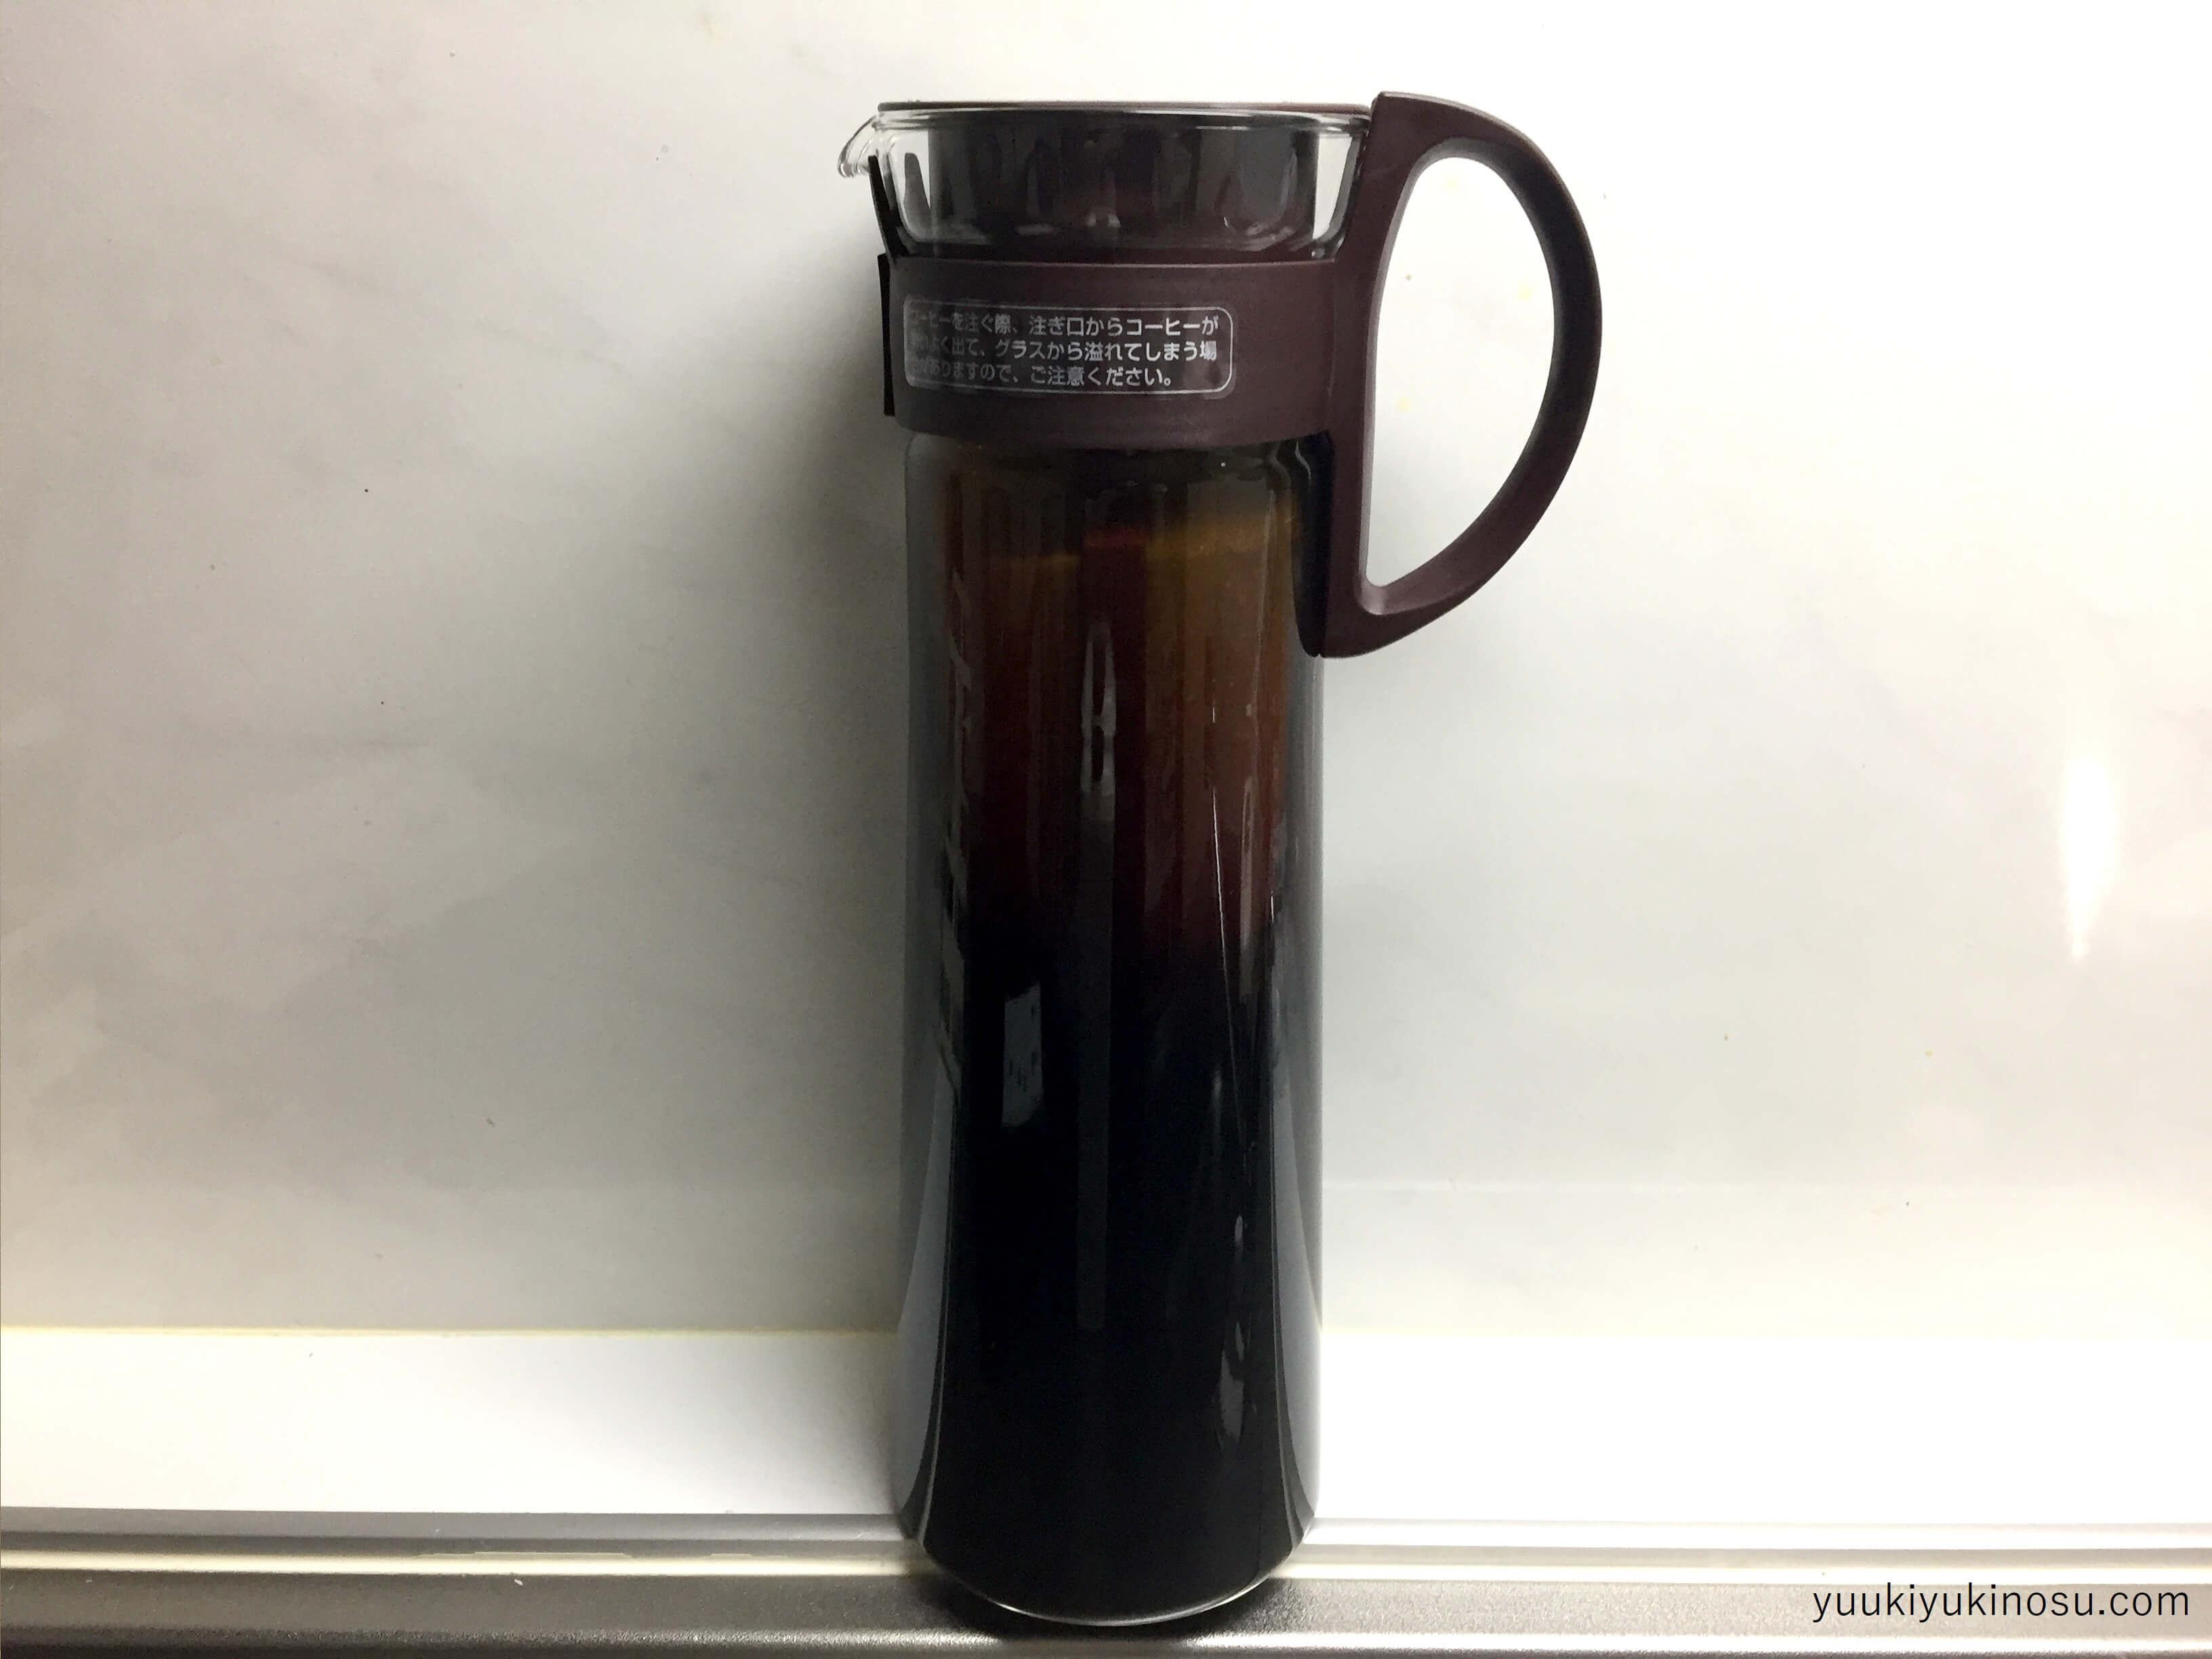 業務スーパー アイスコーヒーブレンド(粉) 水出しコーヒー 価格 味 感想 口コミ ハリオ 淹れ方 8杯用 ショコラブラウン 水出し珈琲ボトル